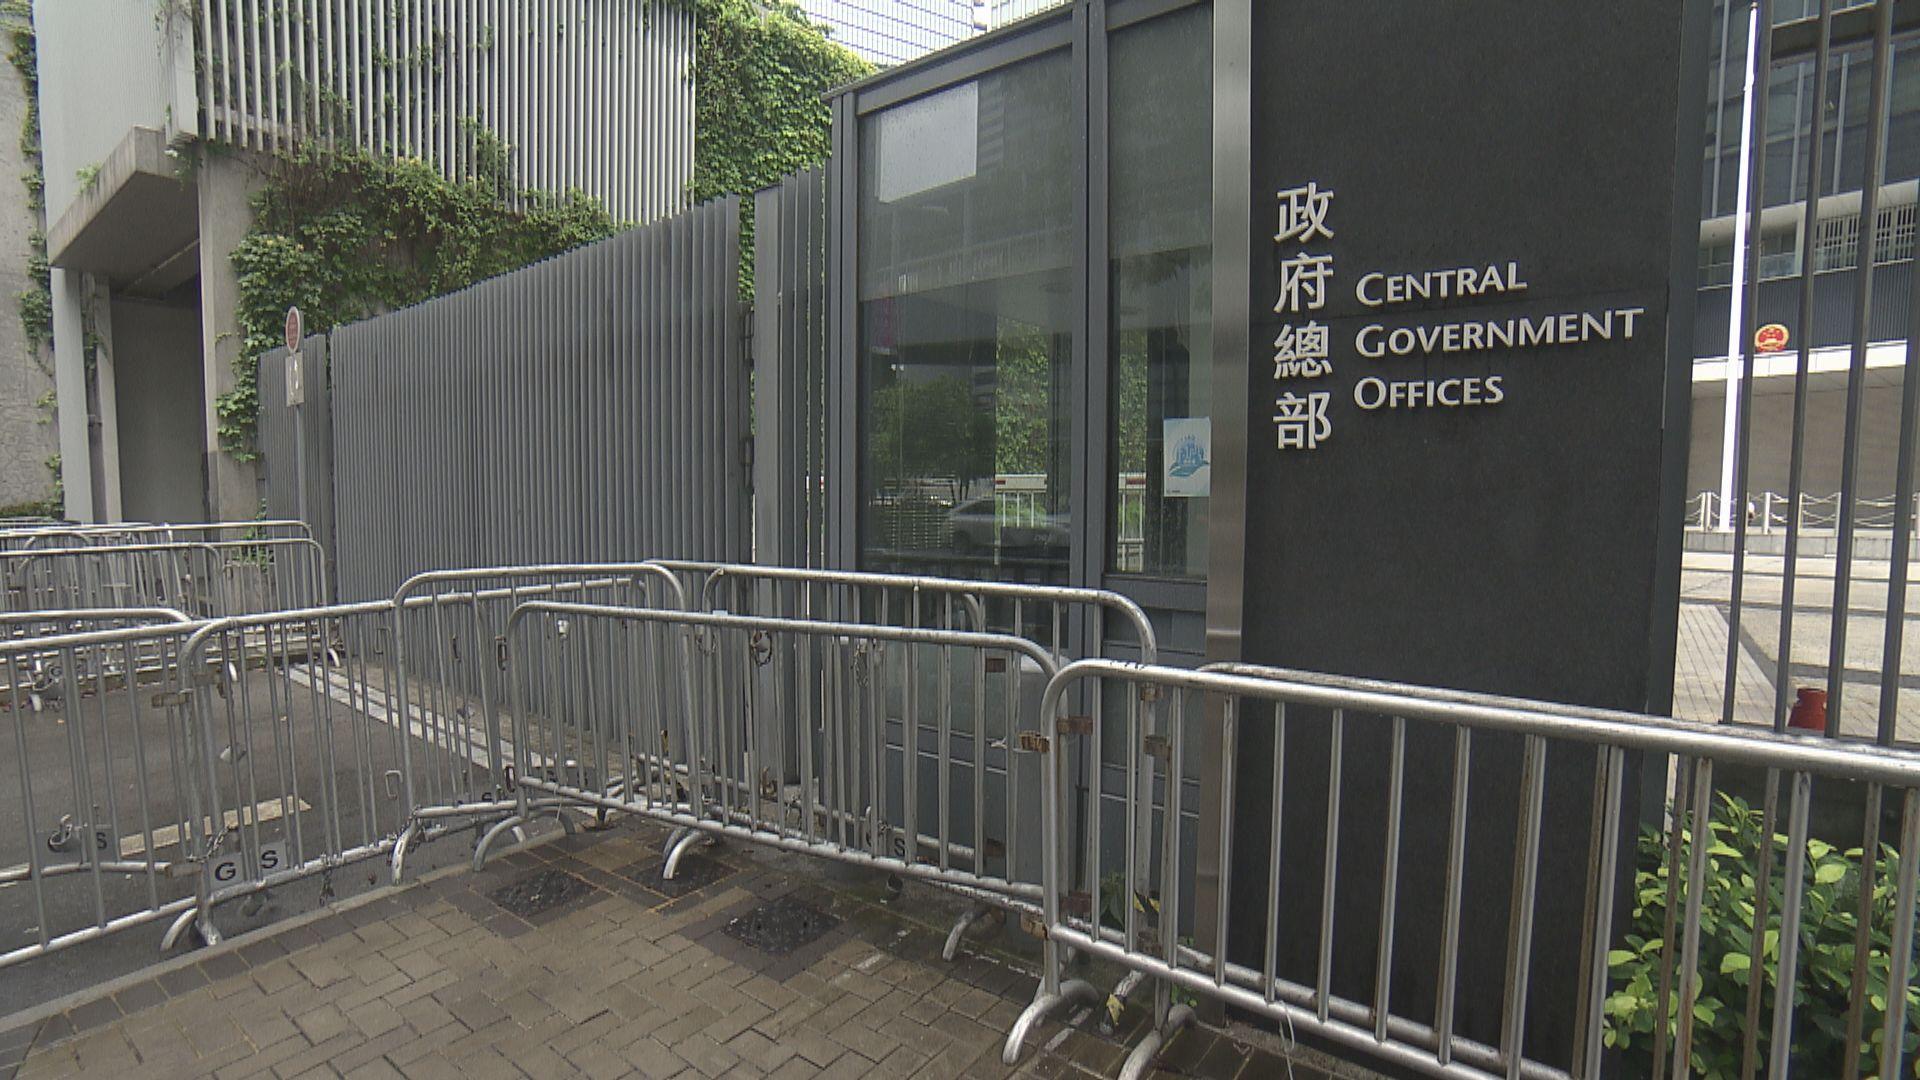 關閉公民廣場被裁定違憲 律政司研究下一步行動